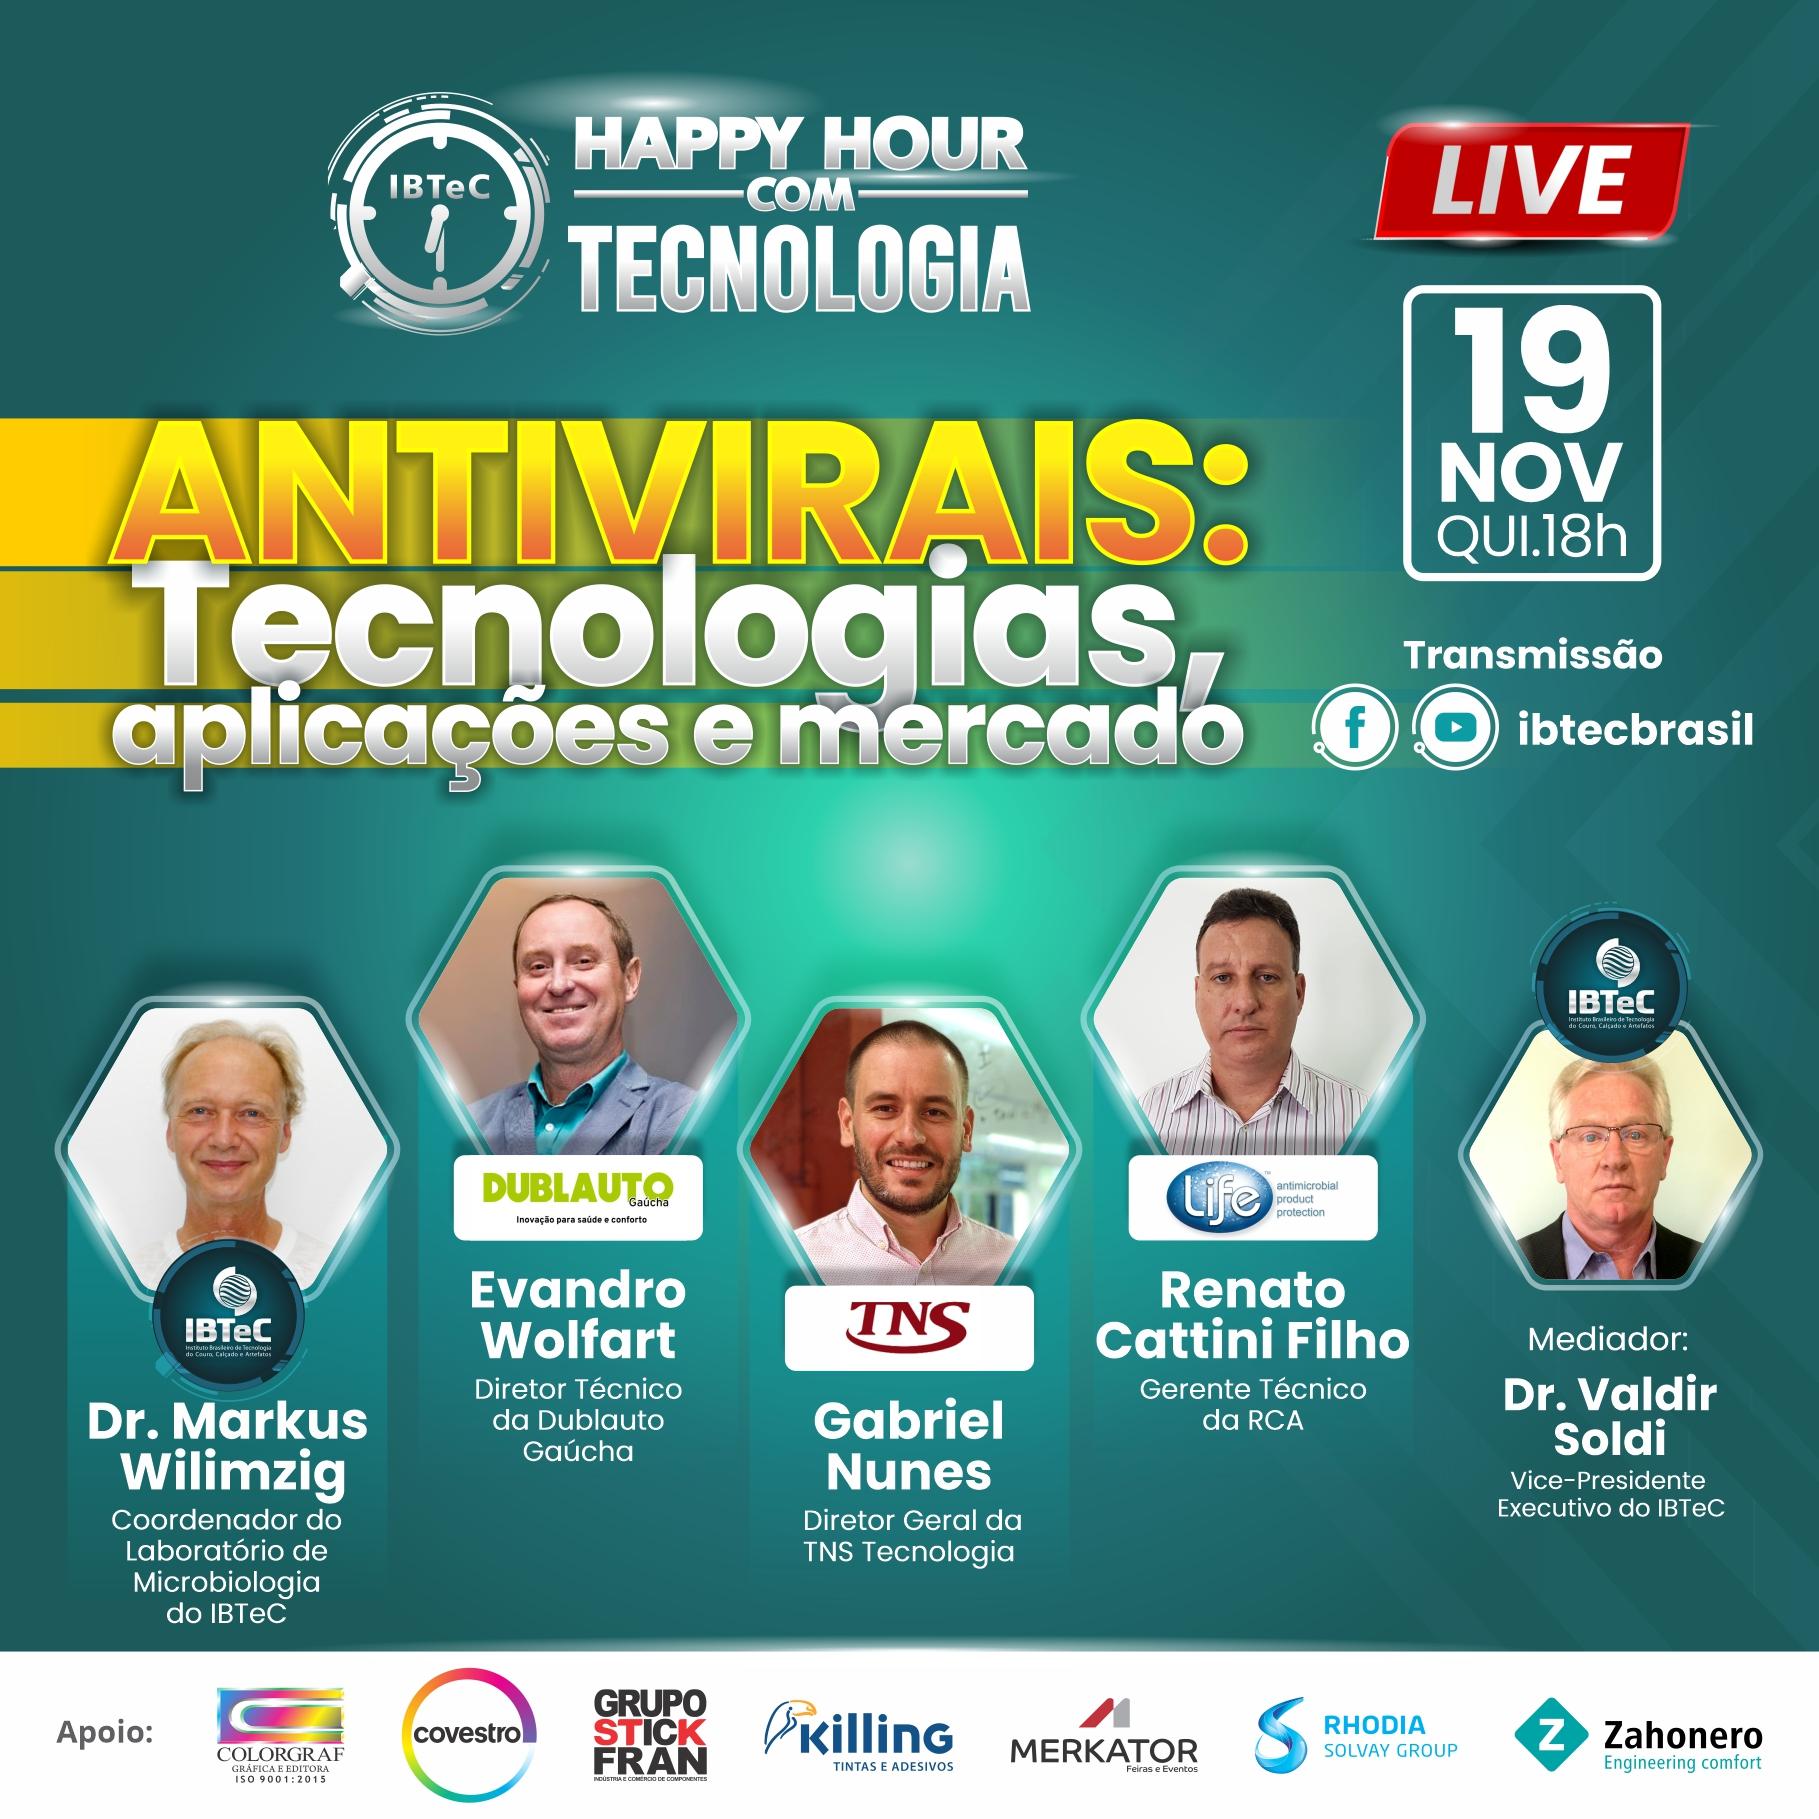 LIVE! Antivirais: Tecnologias, aplicações e mercado